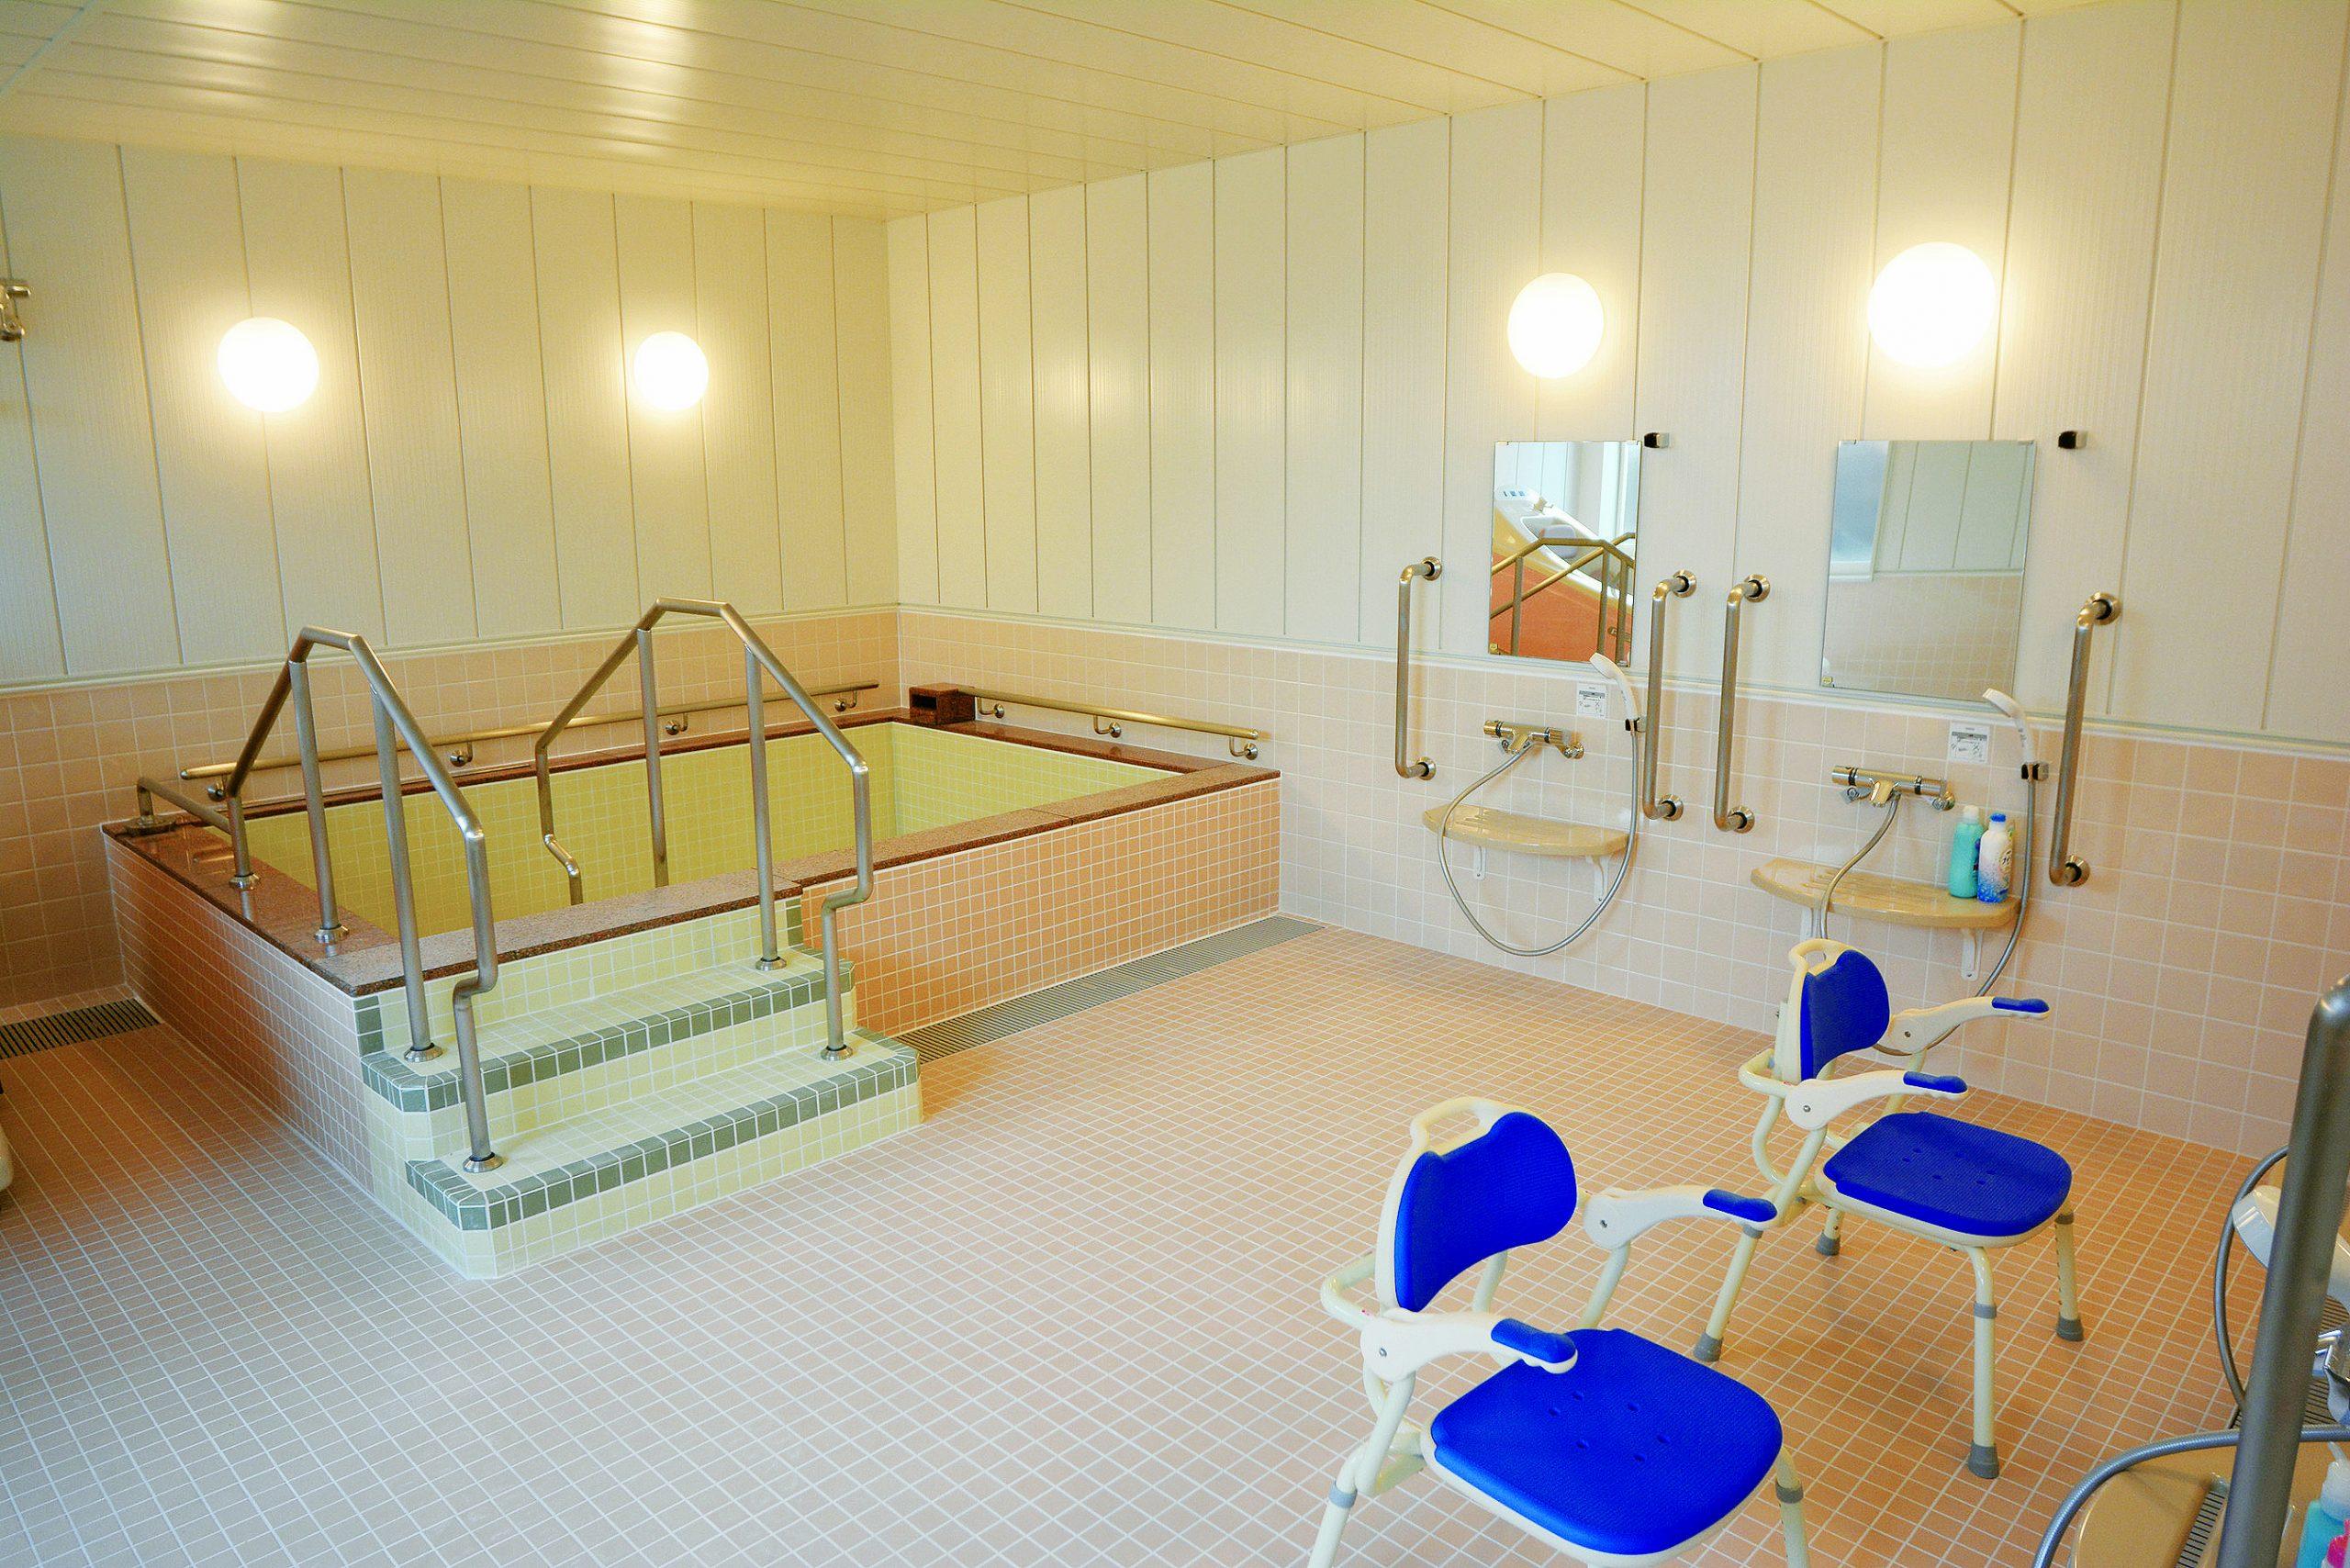 広々とした浴室は、一般浴槽、個別浴槽があります